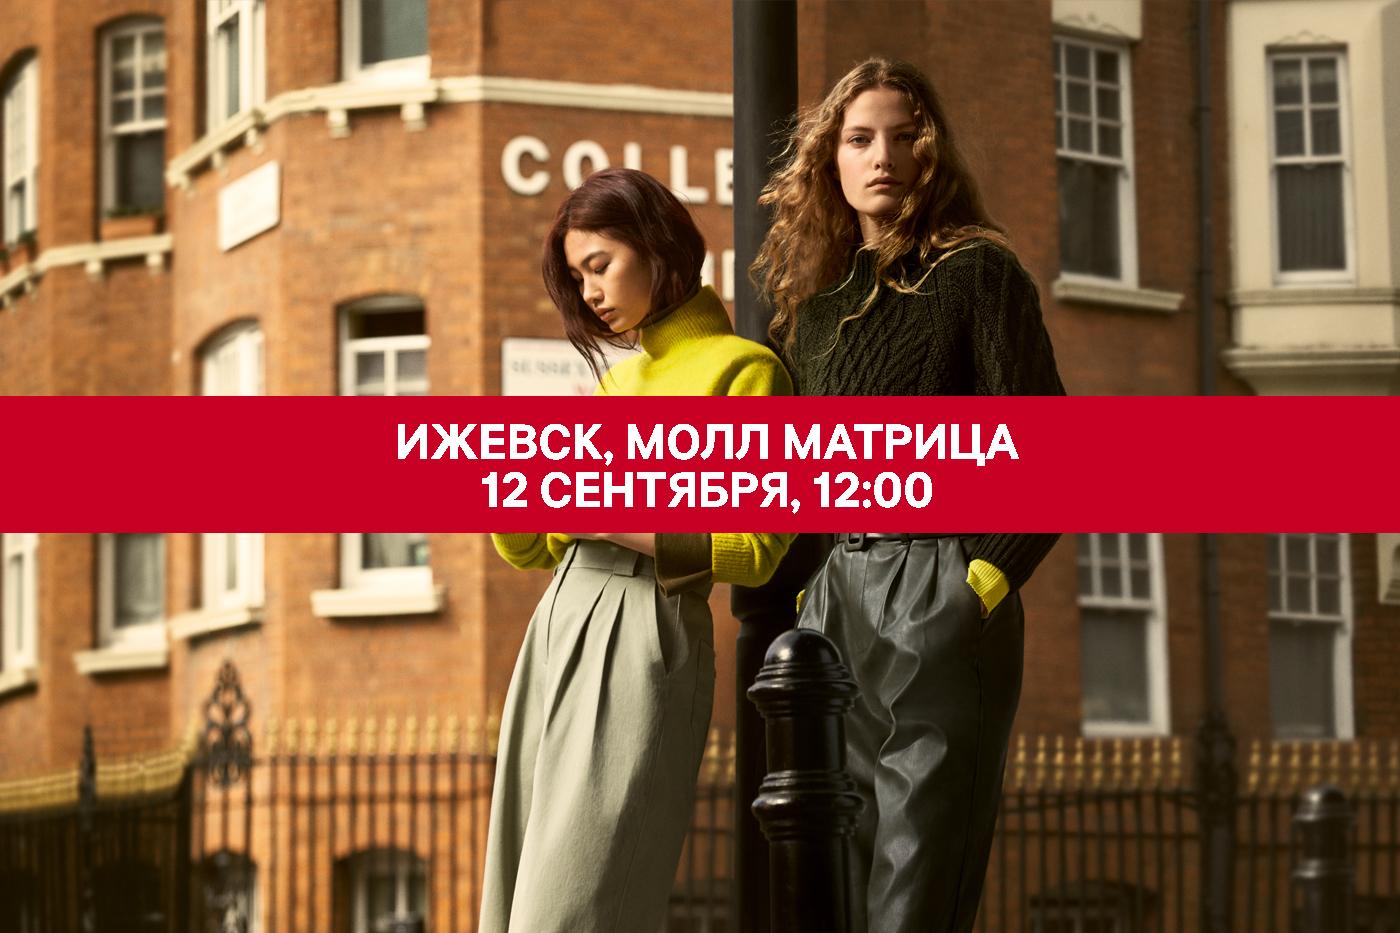 Изображение кампании